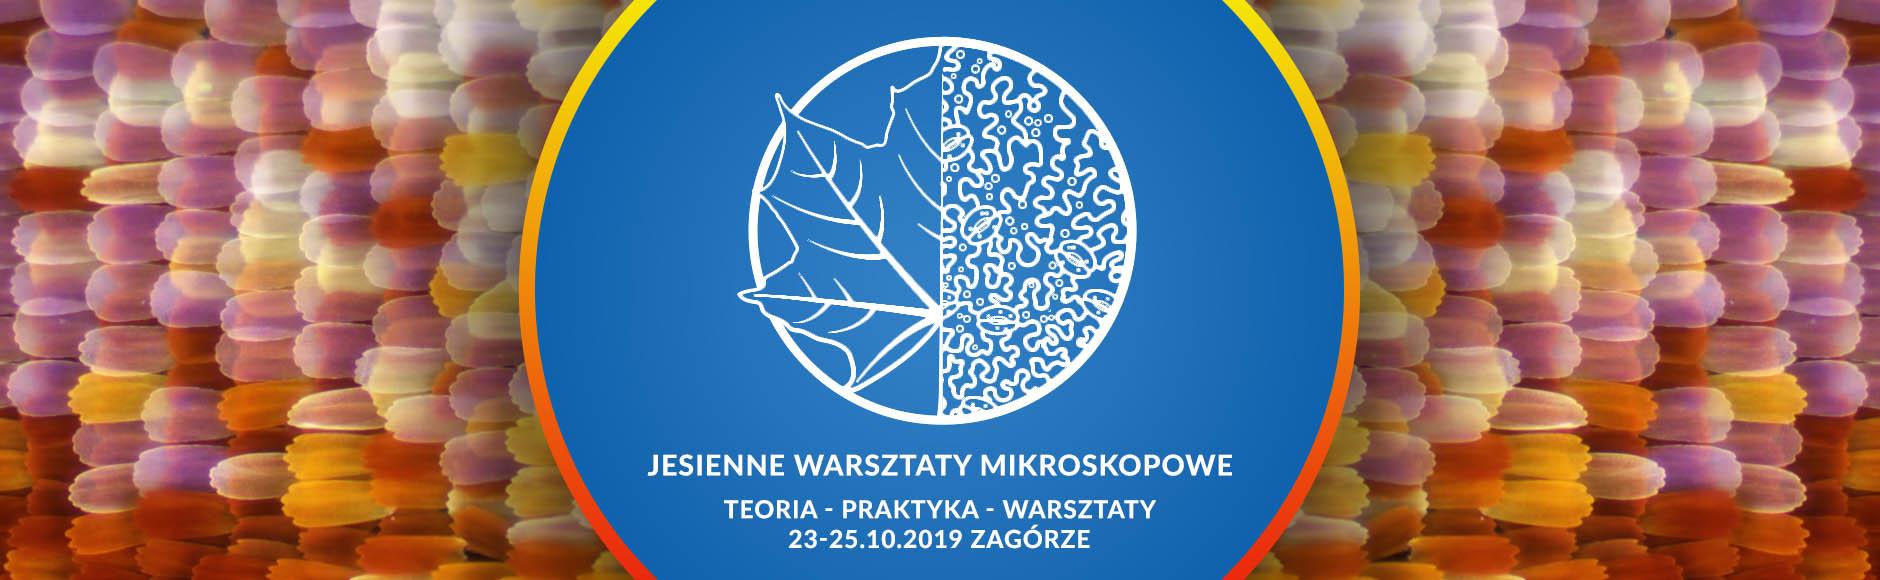 Jesienne Warsztaty Mikroskopowoe 2019